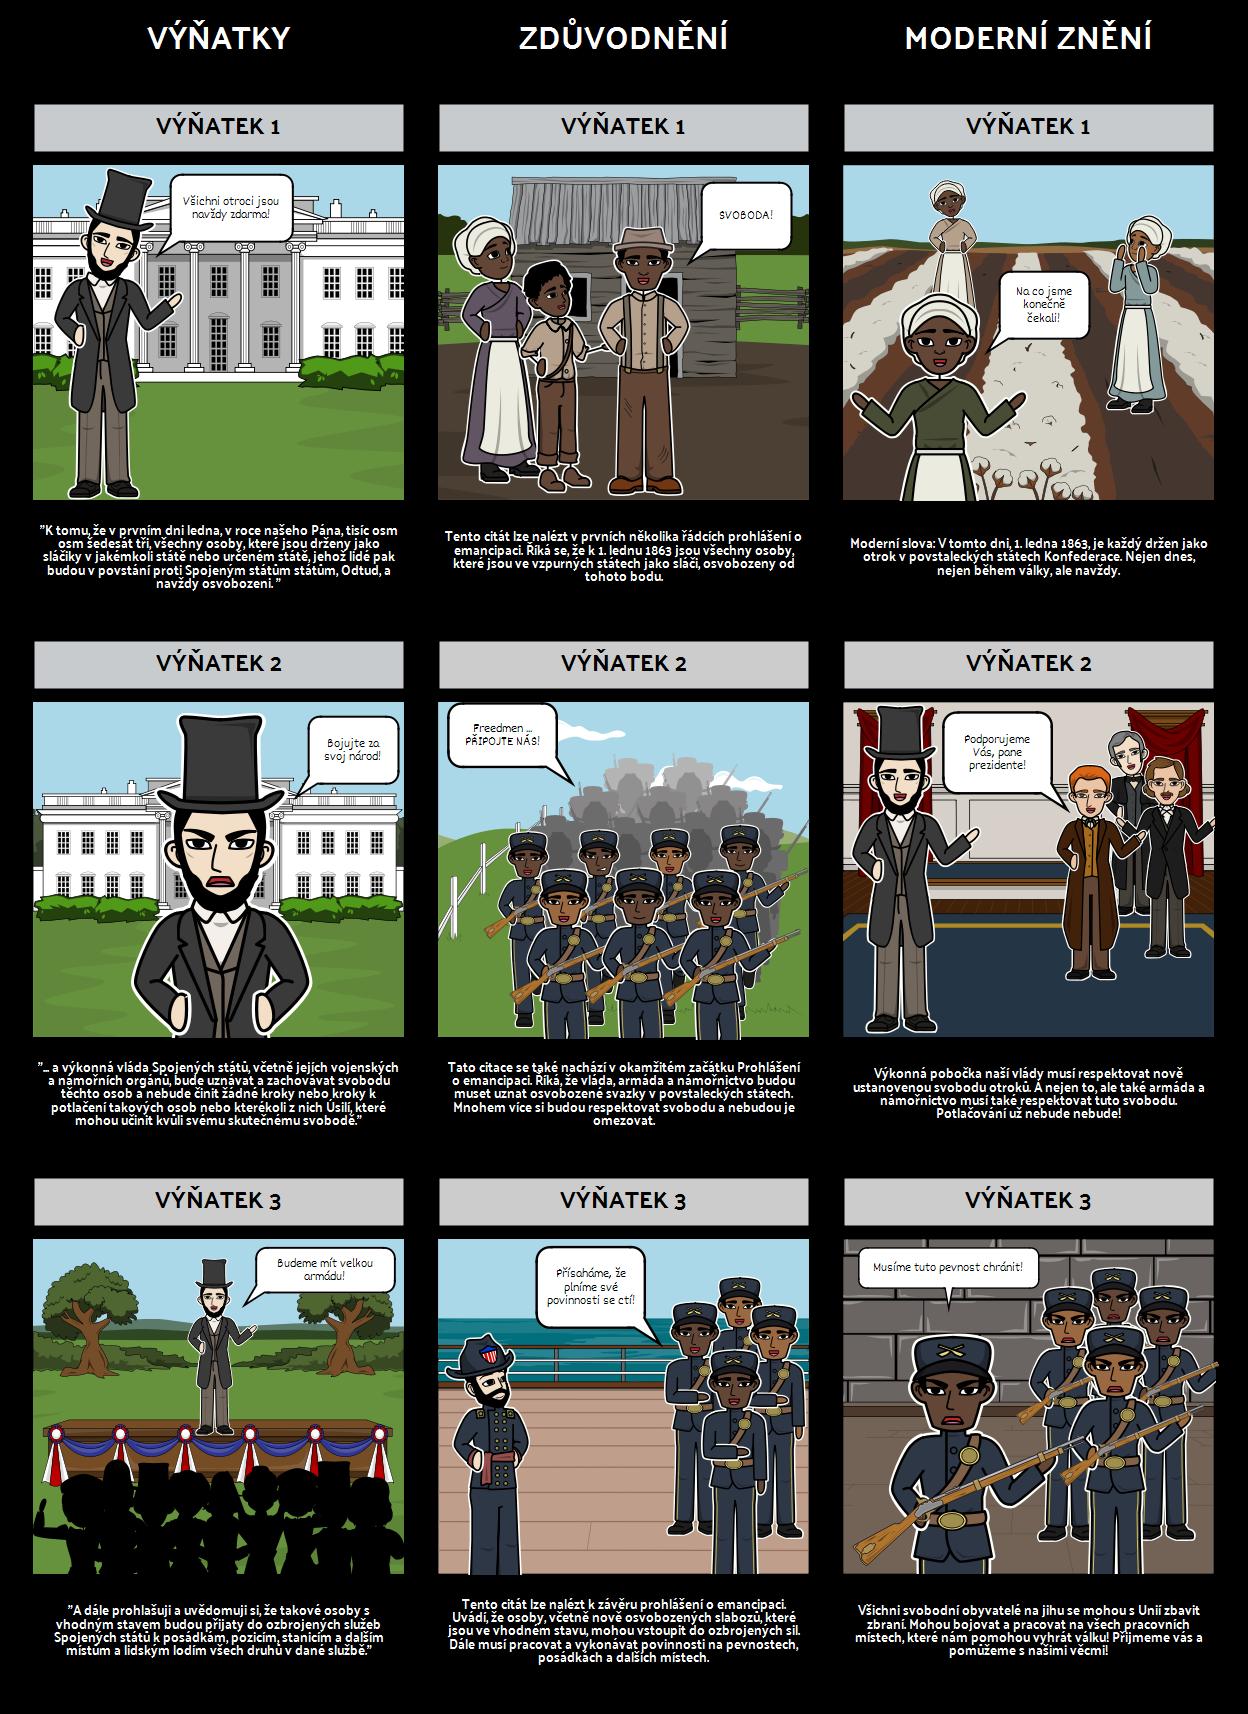 Proklamace Emancipace - Text vs. Zdůvodnění